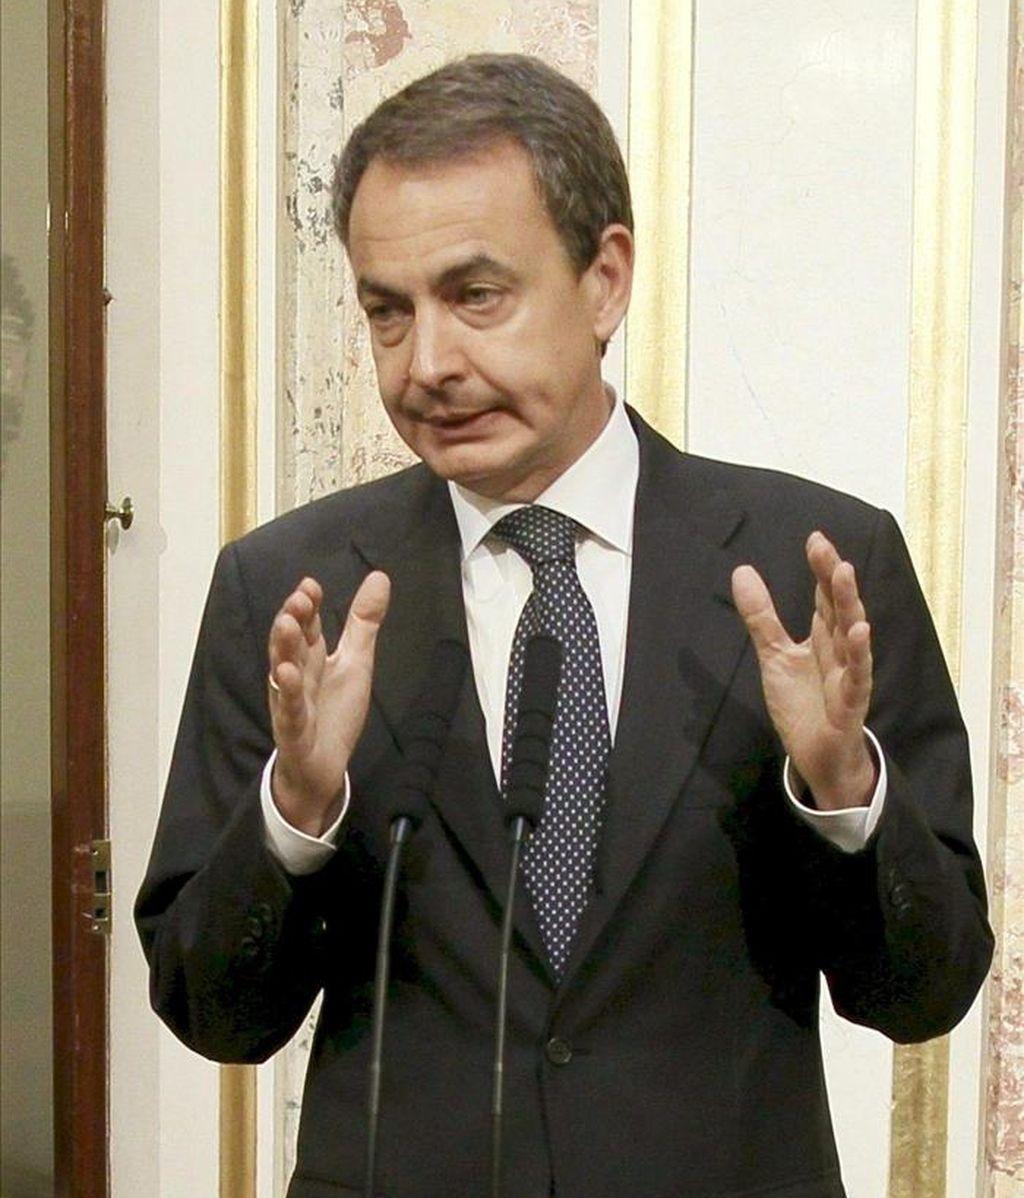 El presidente del Gobierno, José Luis Rodríguez Zapatero, durante la comparecencia que realizó ante los periodistas en el Congreso de los Diputados para enviar un mensaje de calma a la población de Lorca tras el terremoto que afectó ayer a la ciudad. EFE